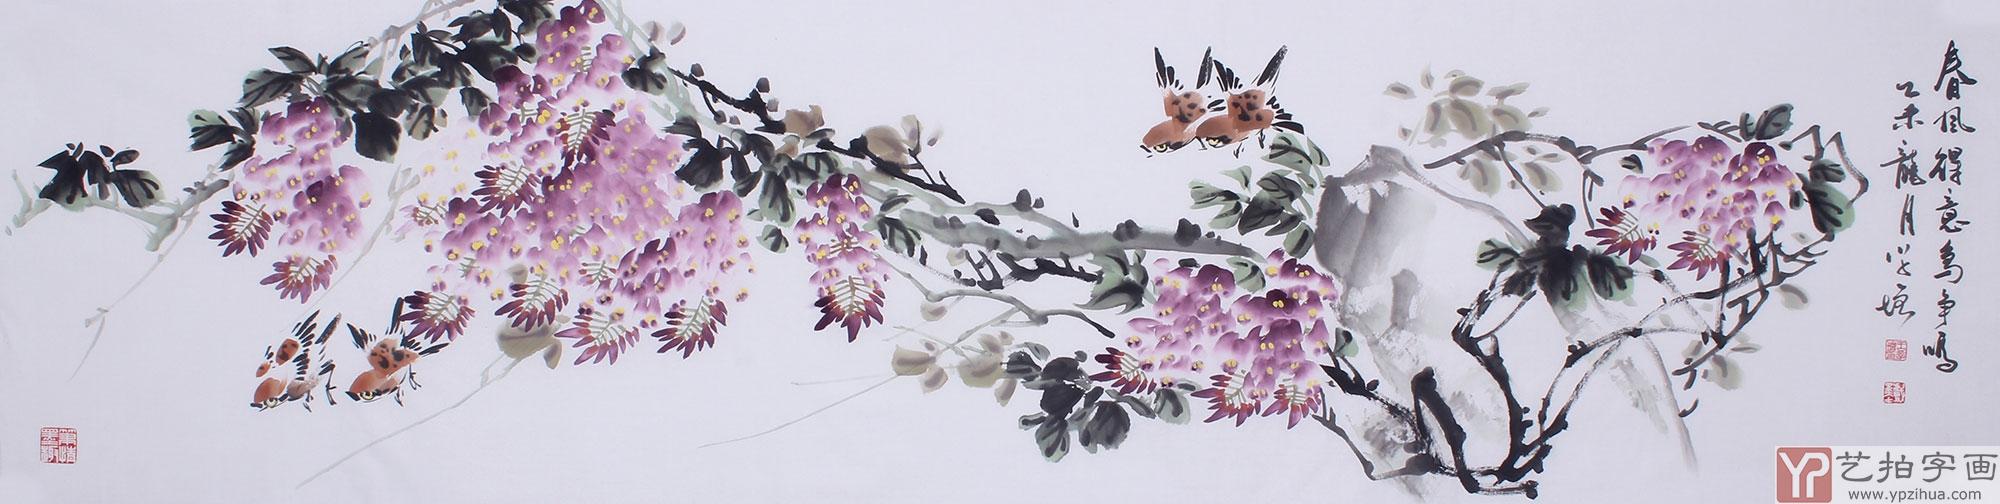 【已售】河北花鸟名家王学增 六尺对开 写意花鸟《春风得意》图片